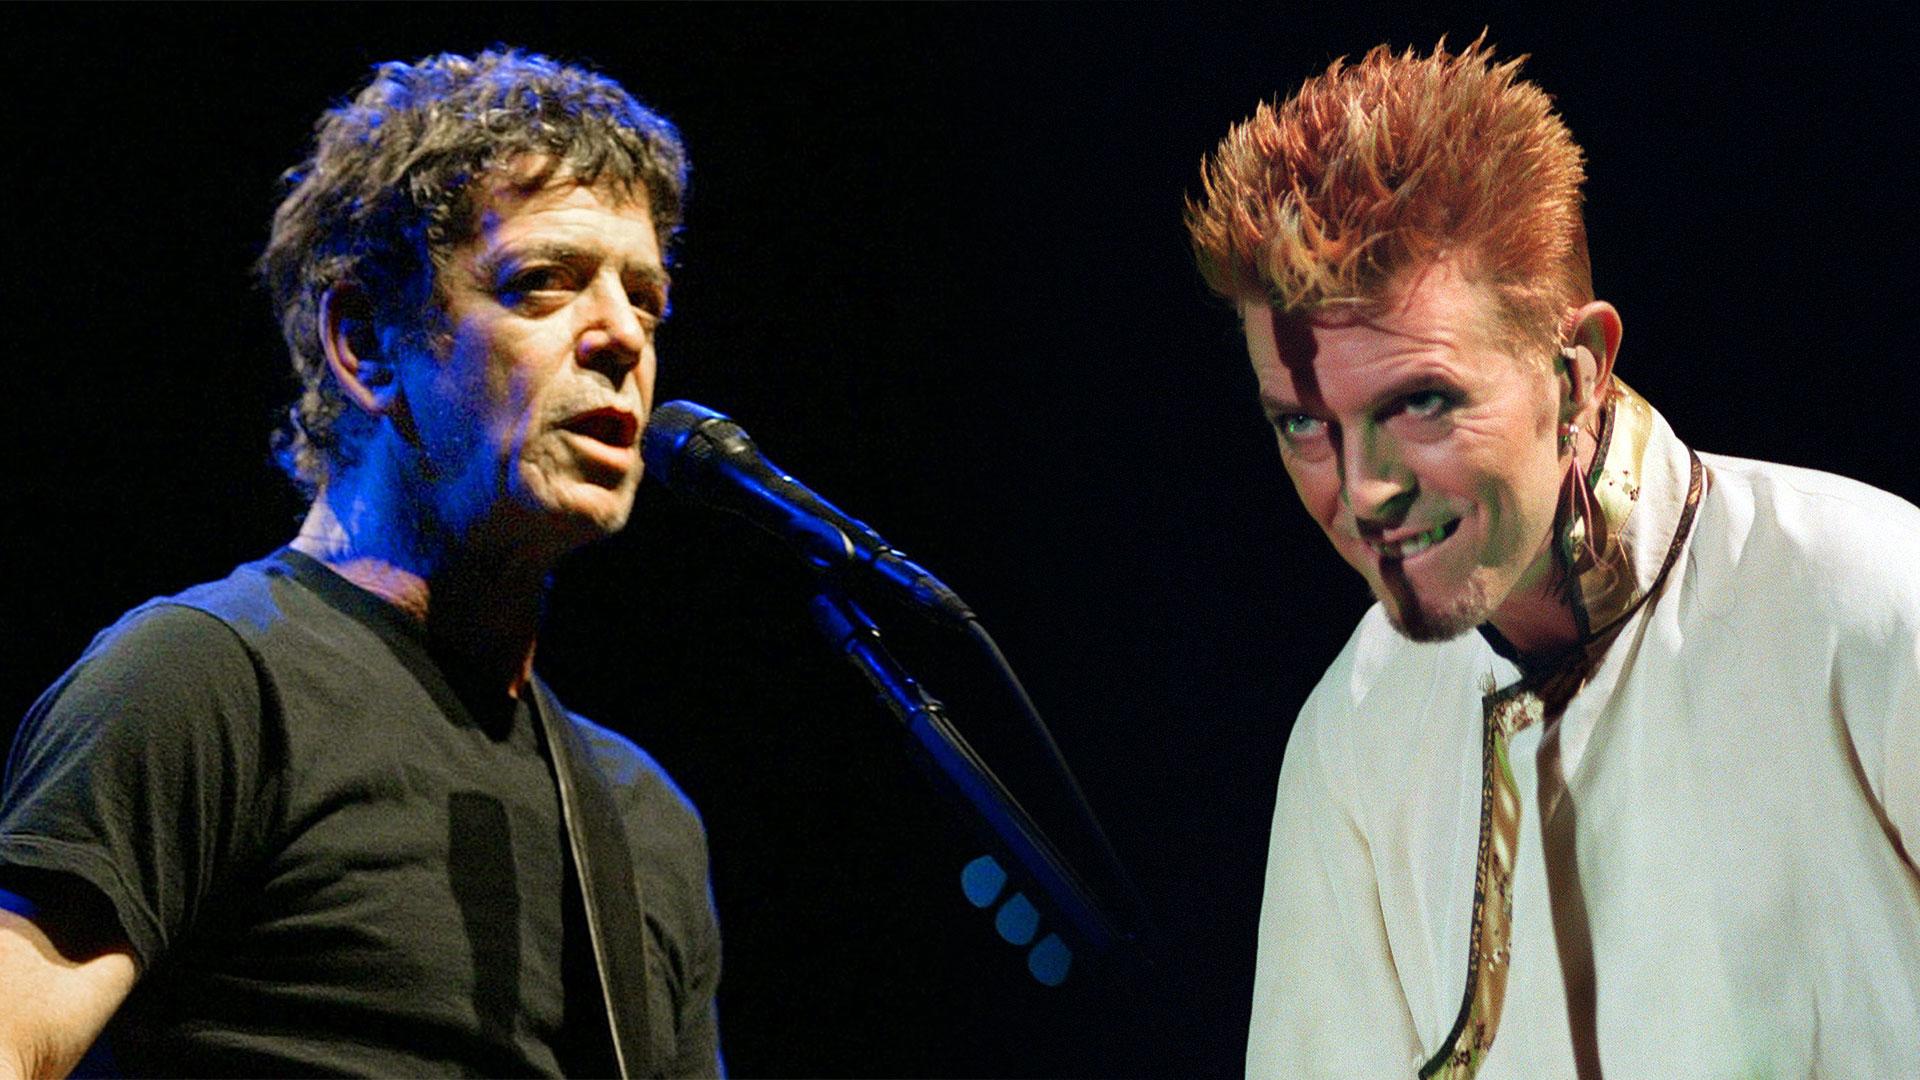 Lou Reed Y David Bowie Memoria De Dos Planetas Orbitando La